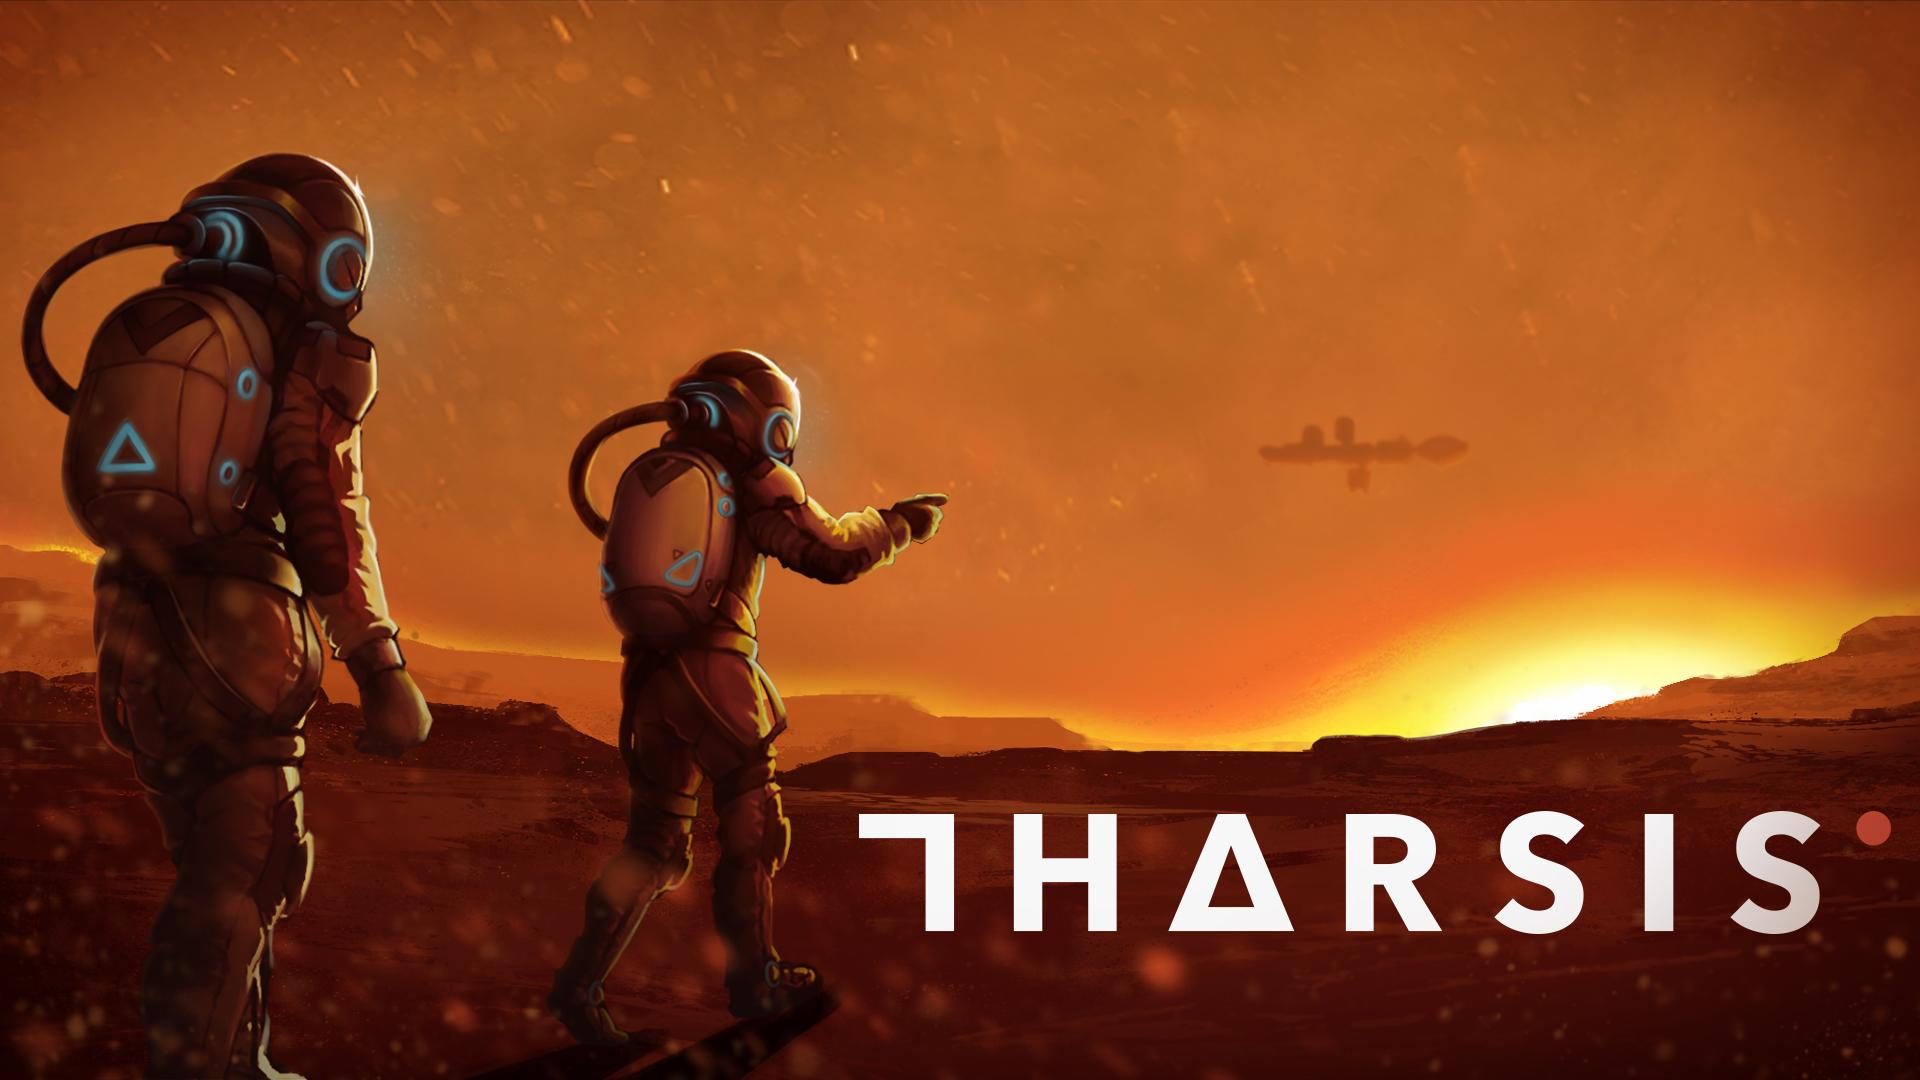 بازی ویدیویی و رومیزی Tharsis برای سوئیچ معرفی شد؛ اگر گرسنه ماندید گوشت دوستانتان را خواهید خورد؟!